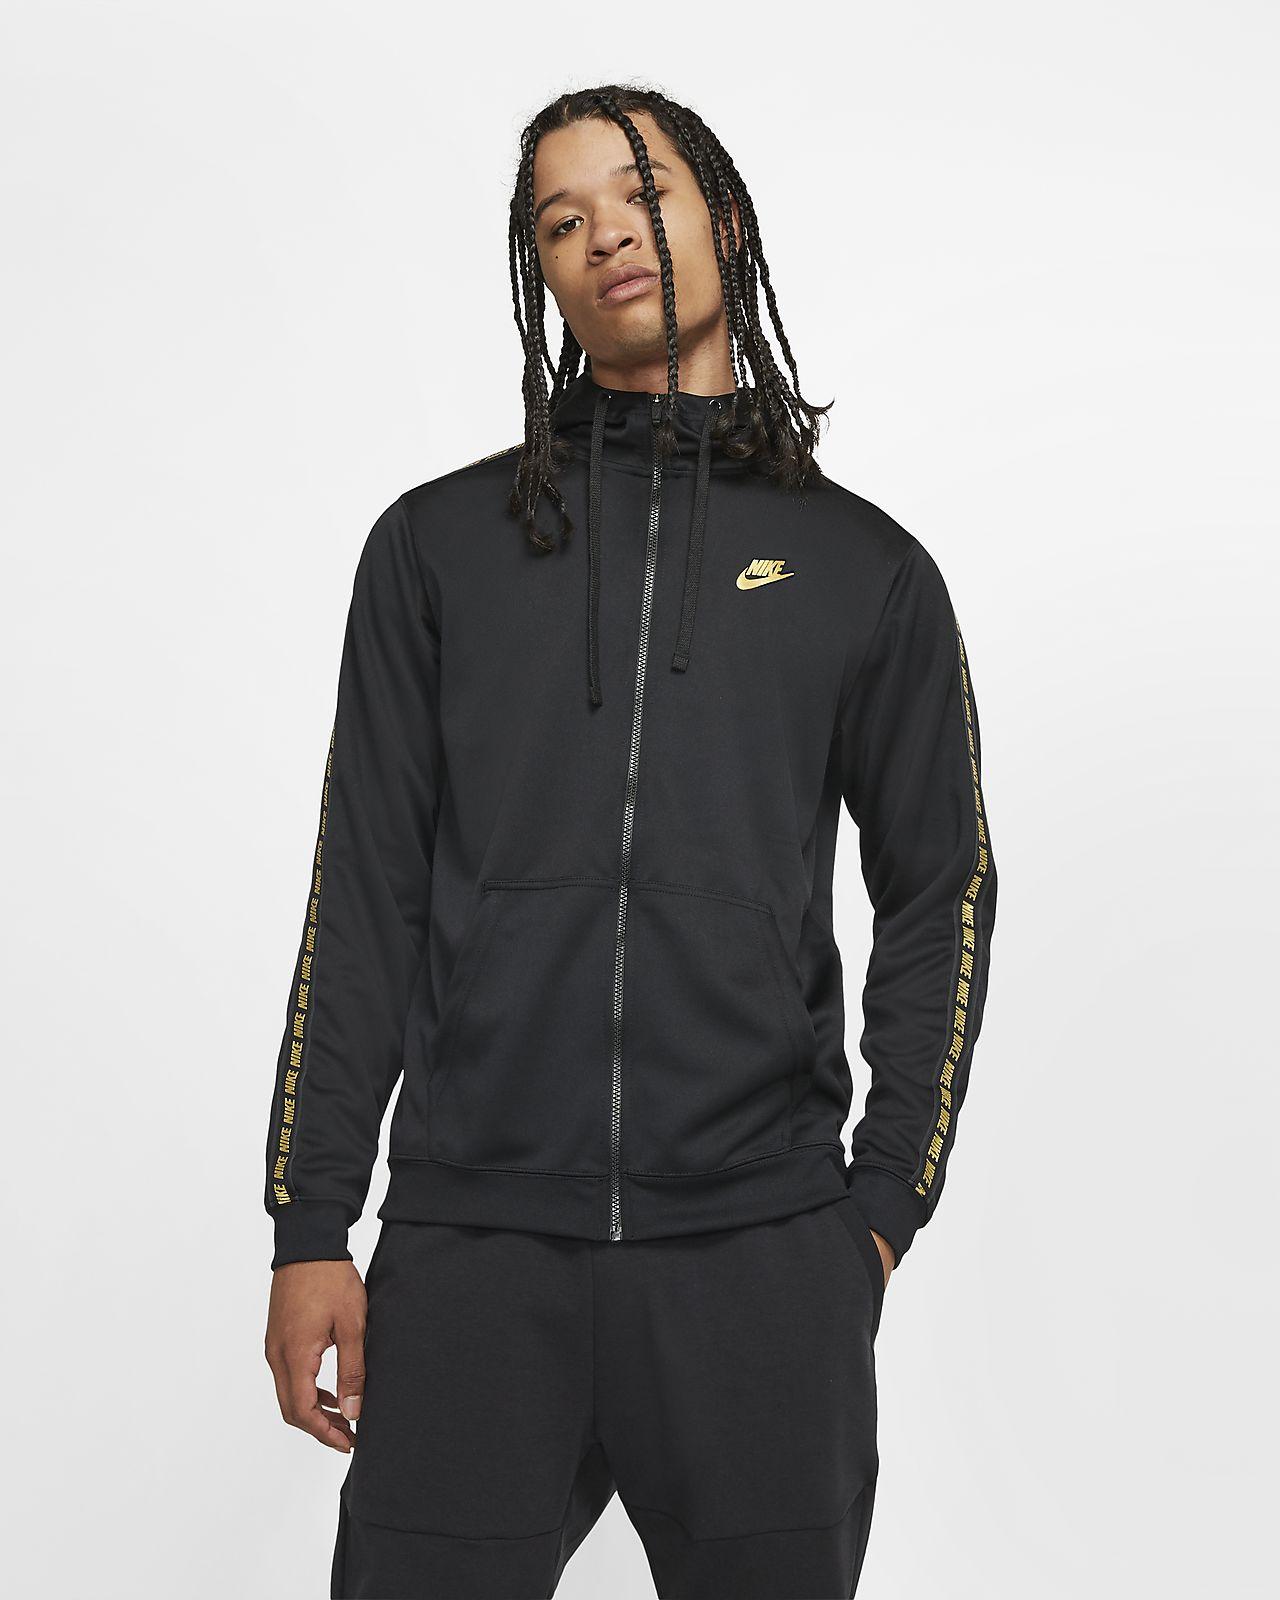 Felpe sportive da uomo Nike a lunghezza della manica manica